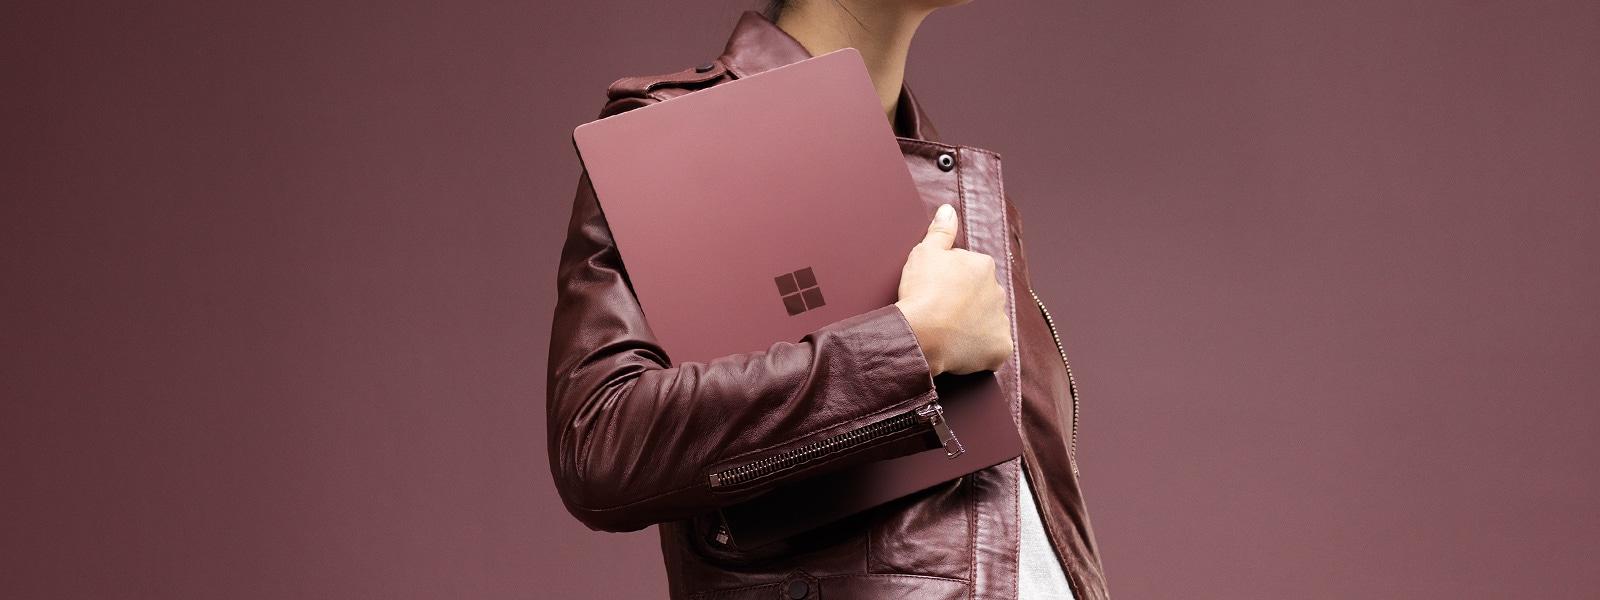 Mujer elegante sosteniendo un dispositivo Surface Laptop de color burdeos cerca del pecho